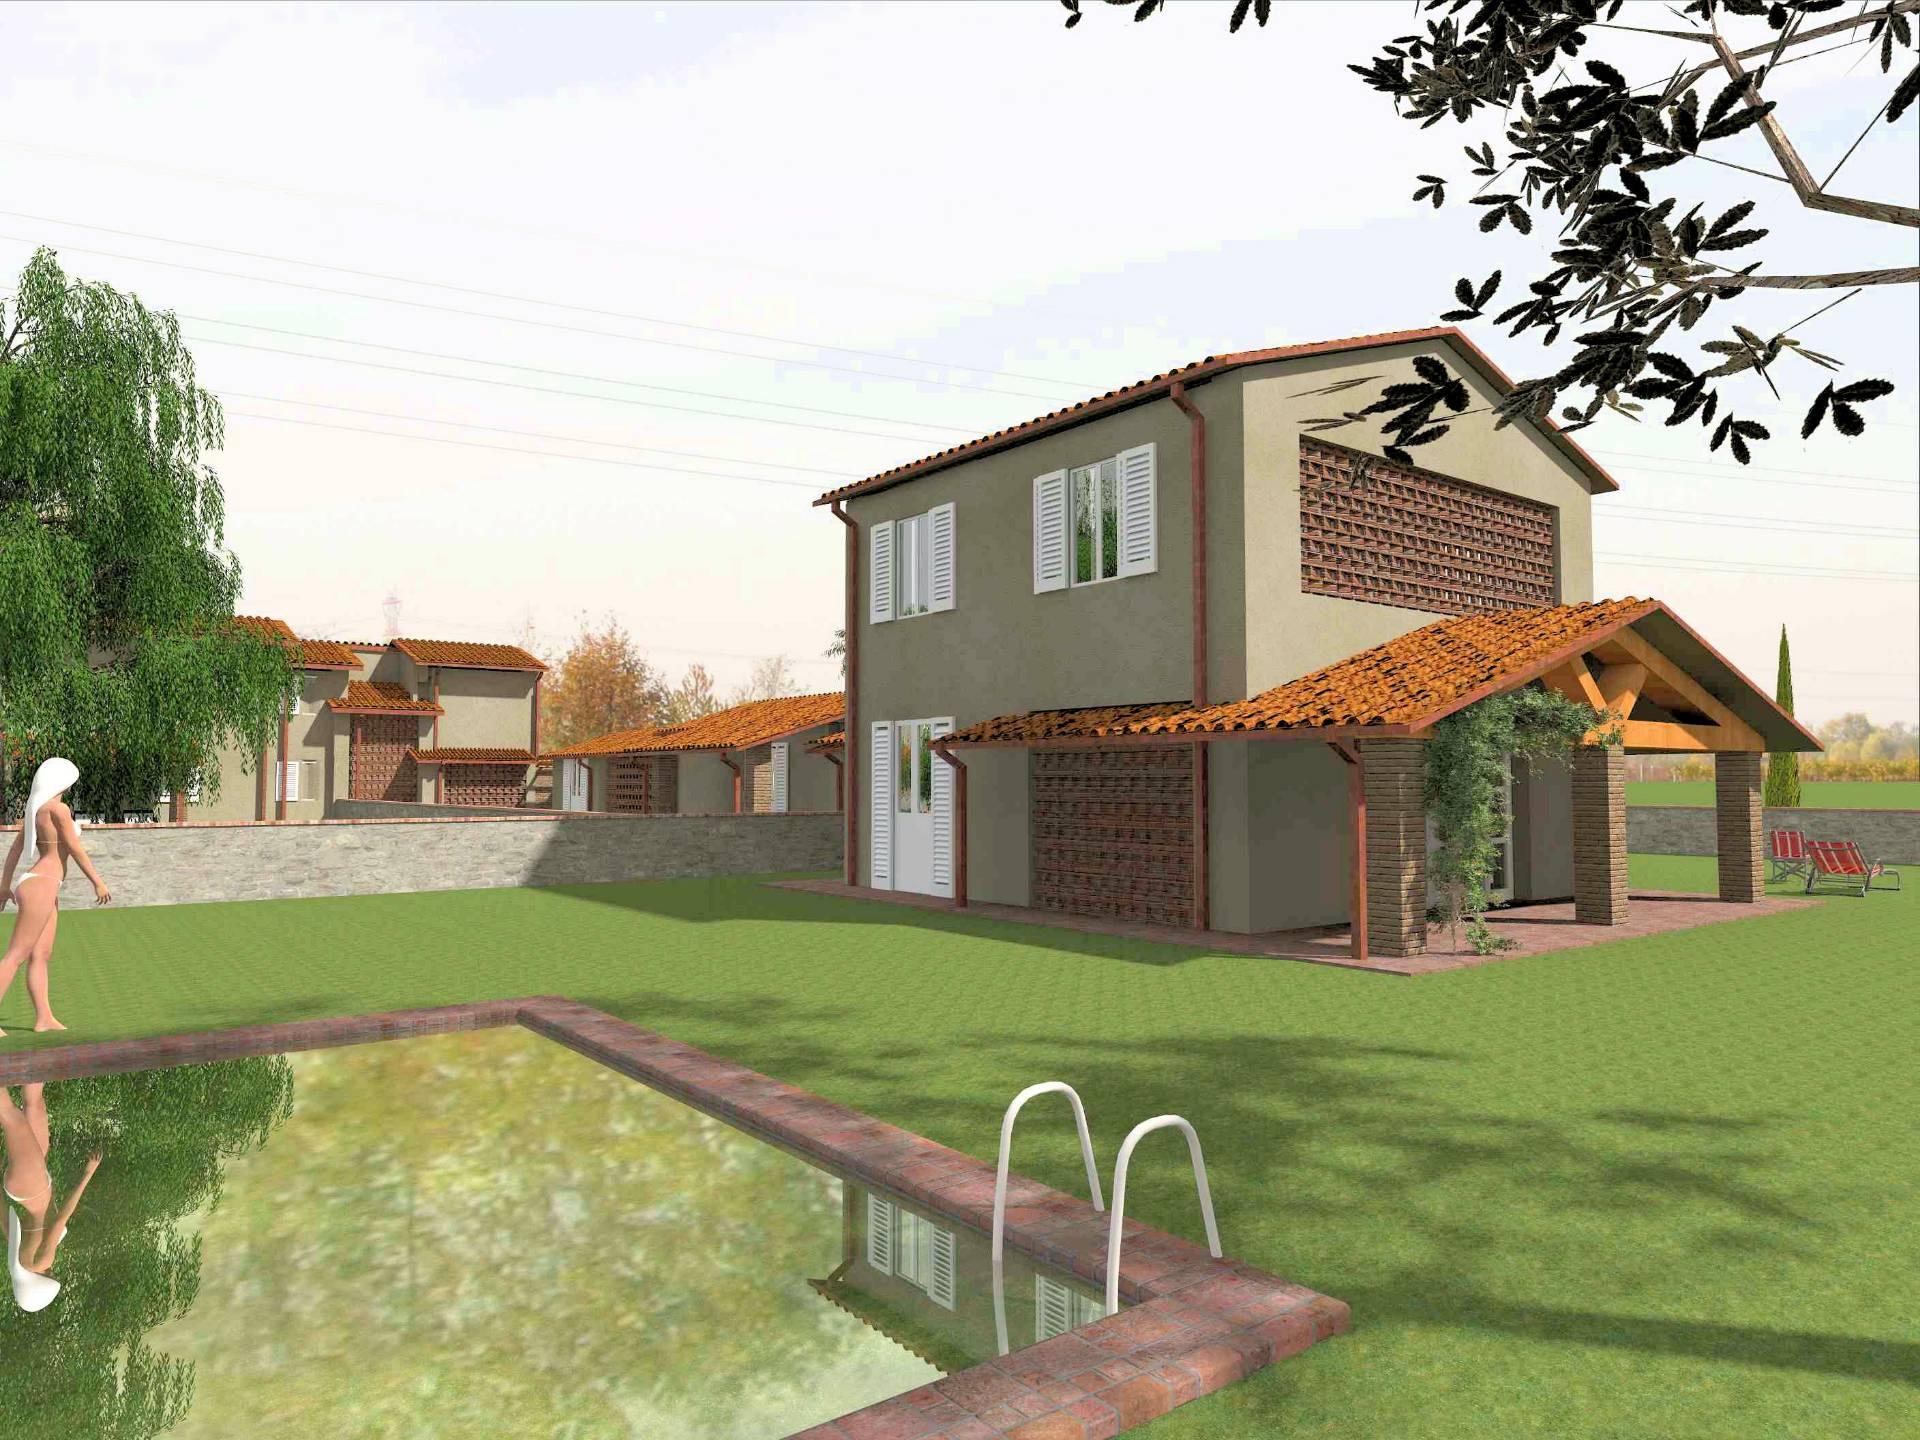 Villa singola in vendita - Chiesina Uzzanese